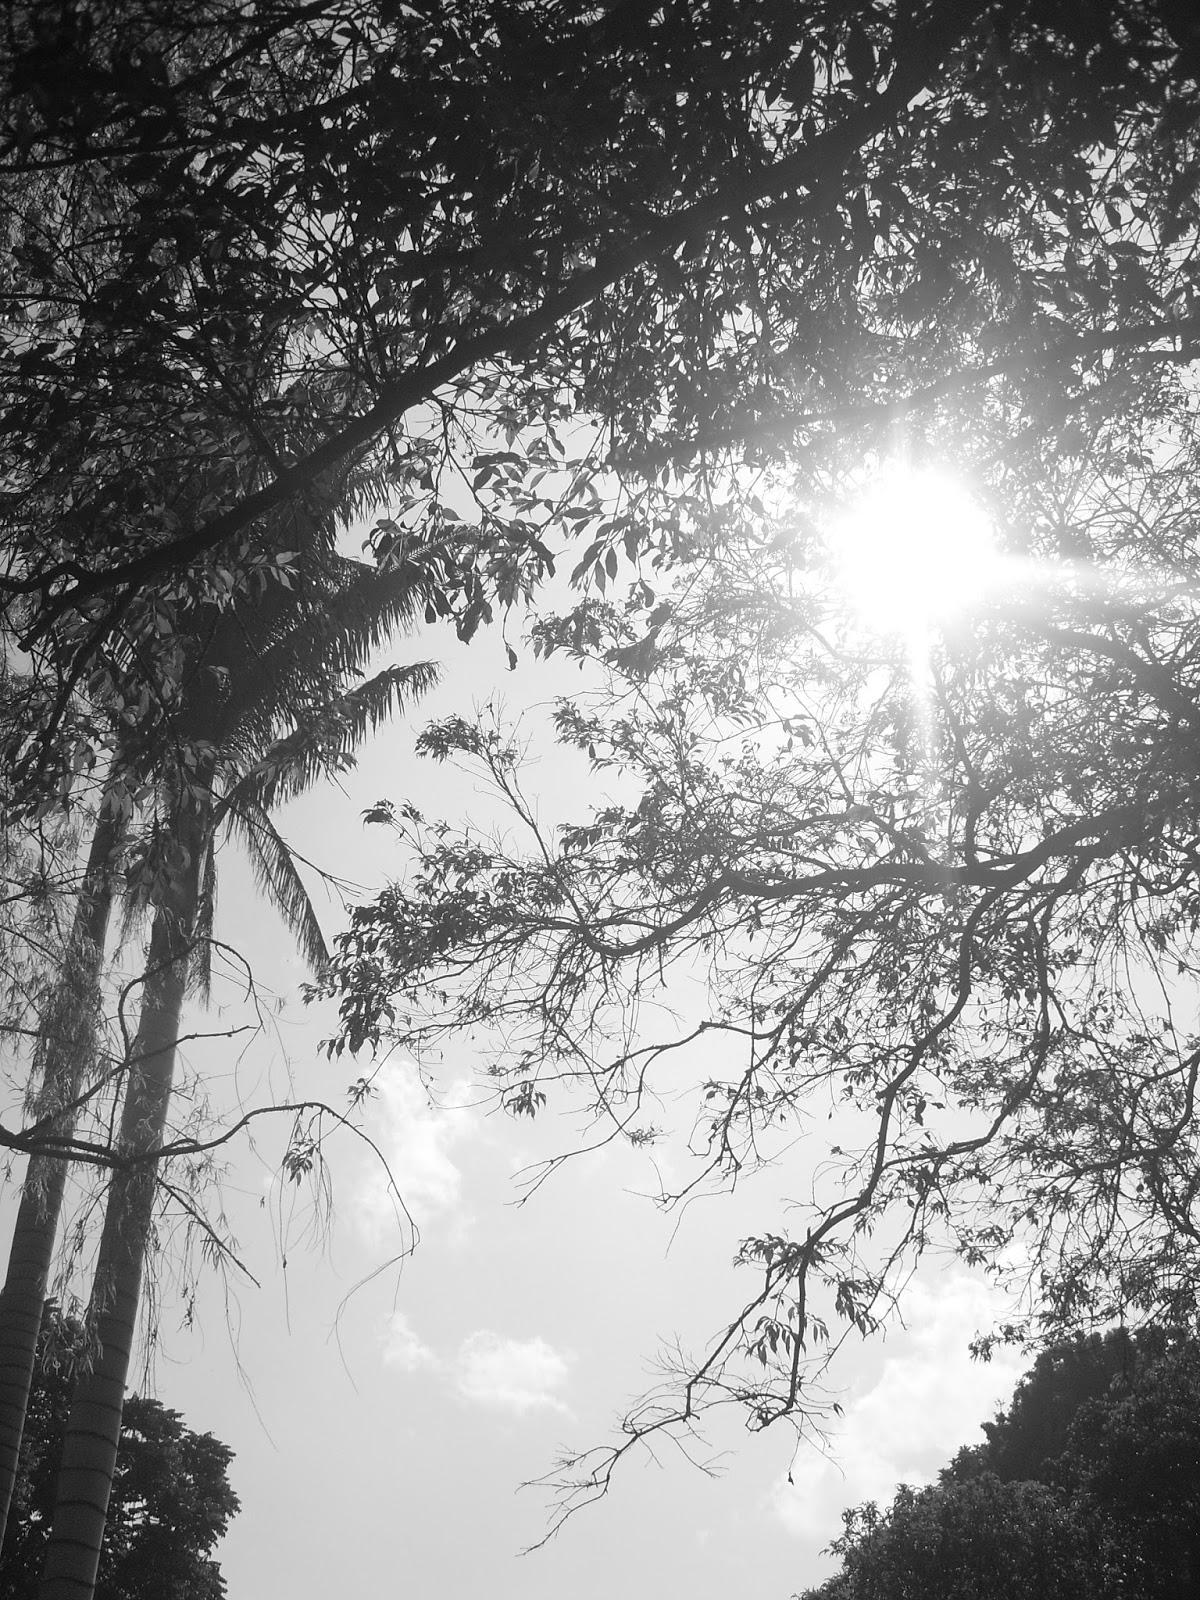 Imago y jard n bot nico en blanco y negro 2016 for Calendario jardin botanico 2016